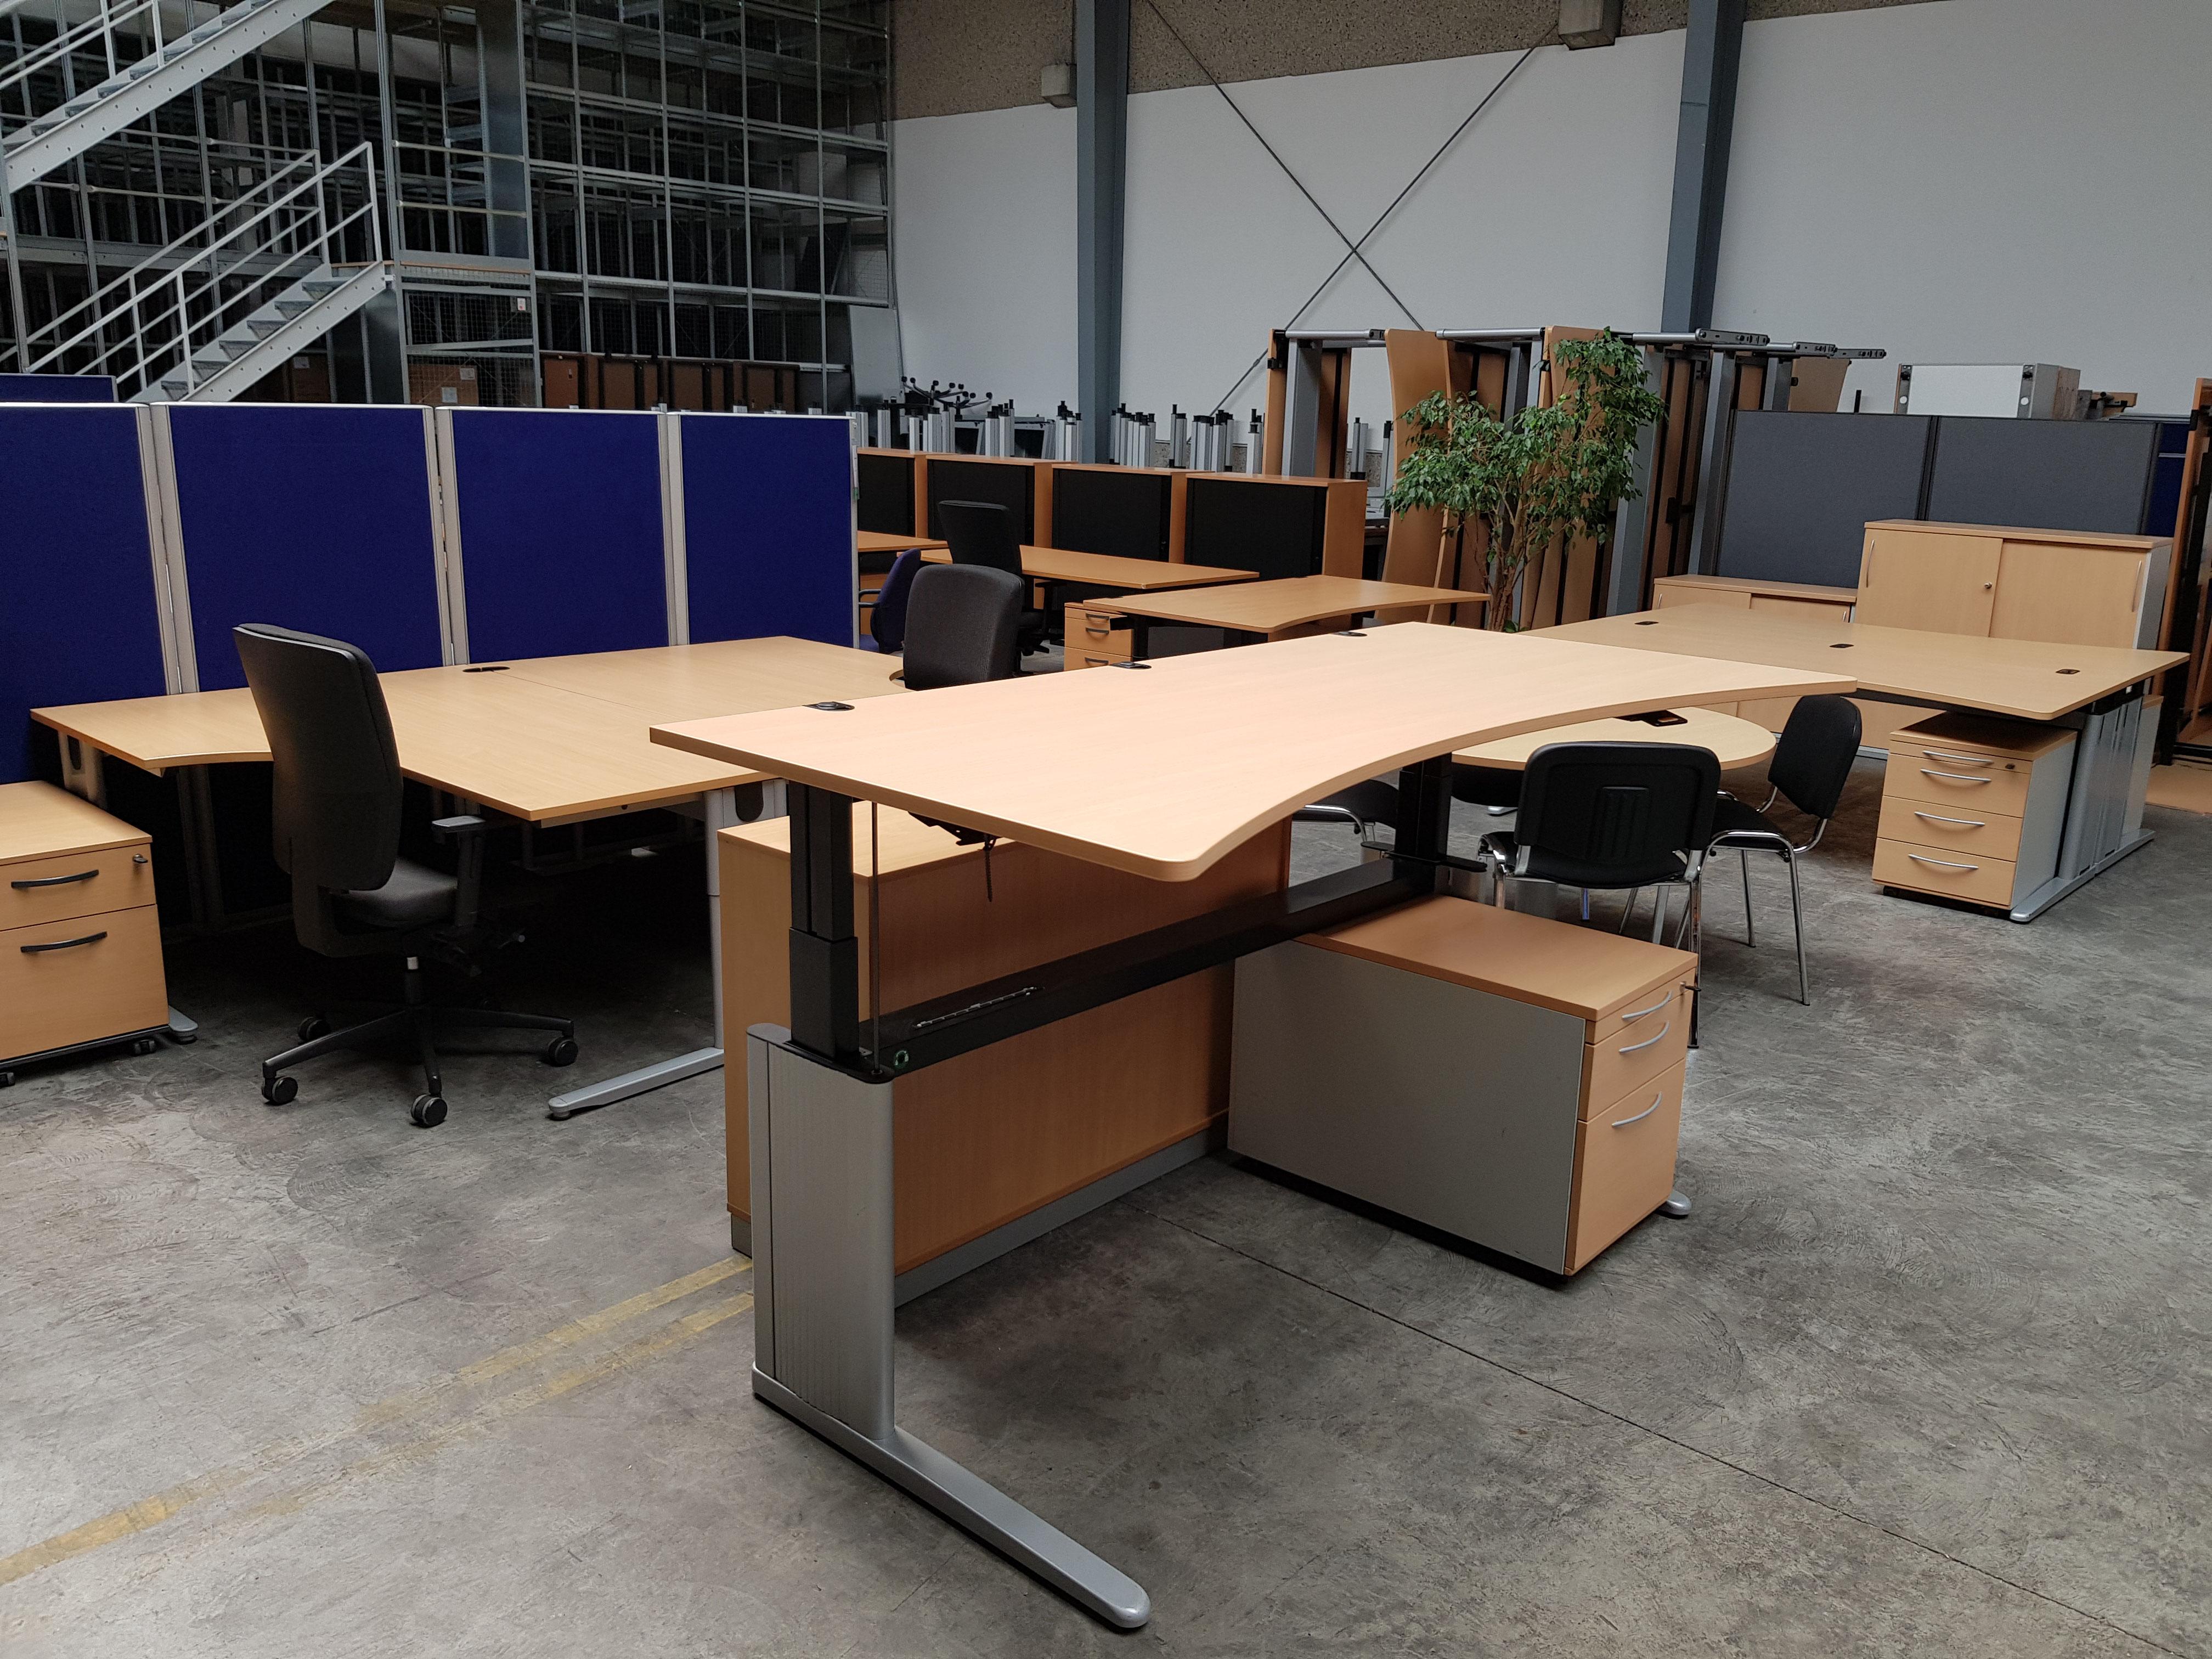 Büromöbel Ratingen neu und gebraucht - Bünex Büromöbel